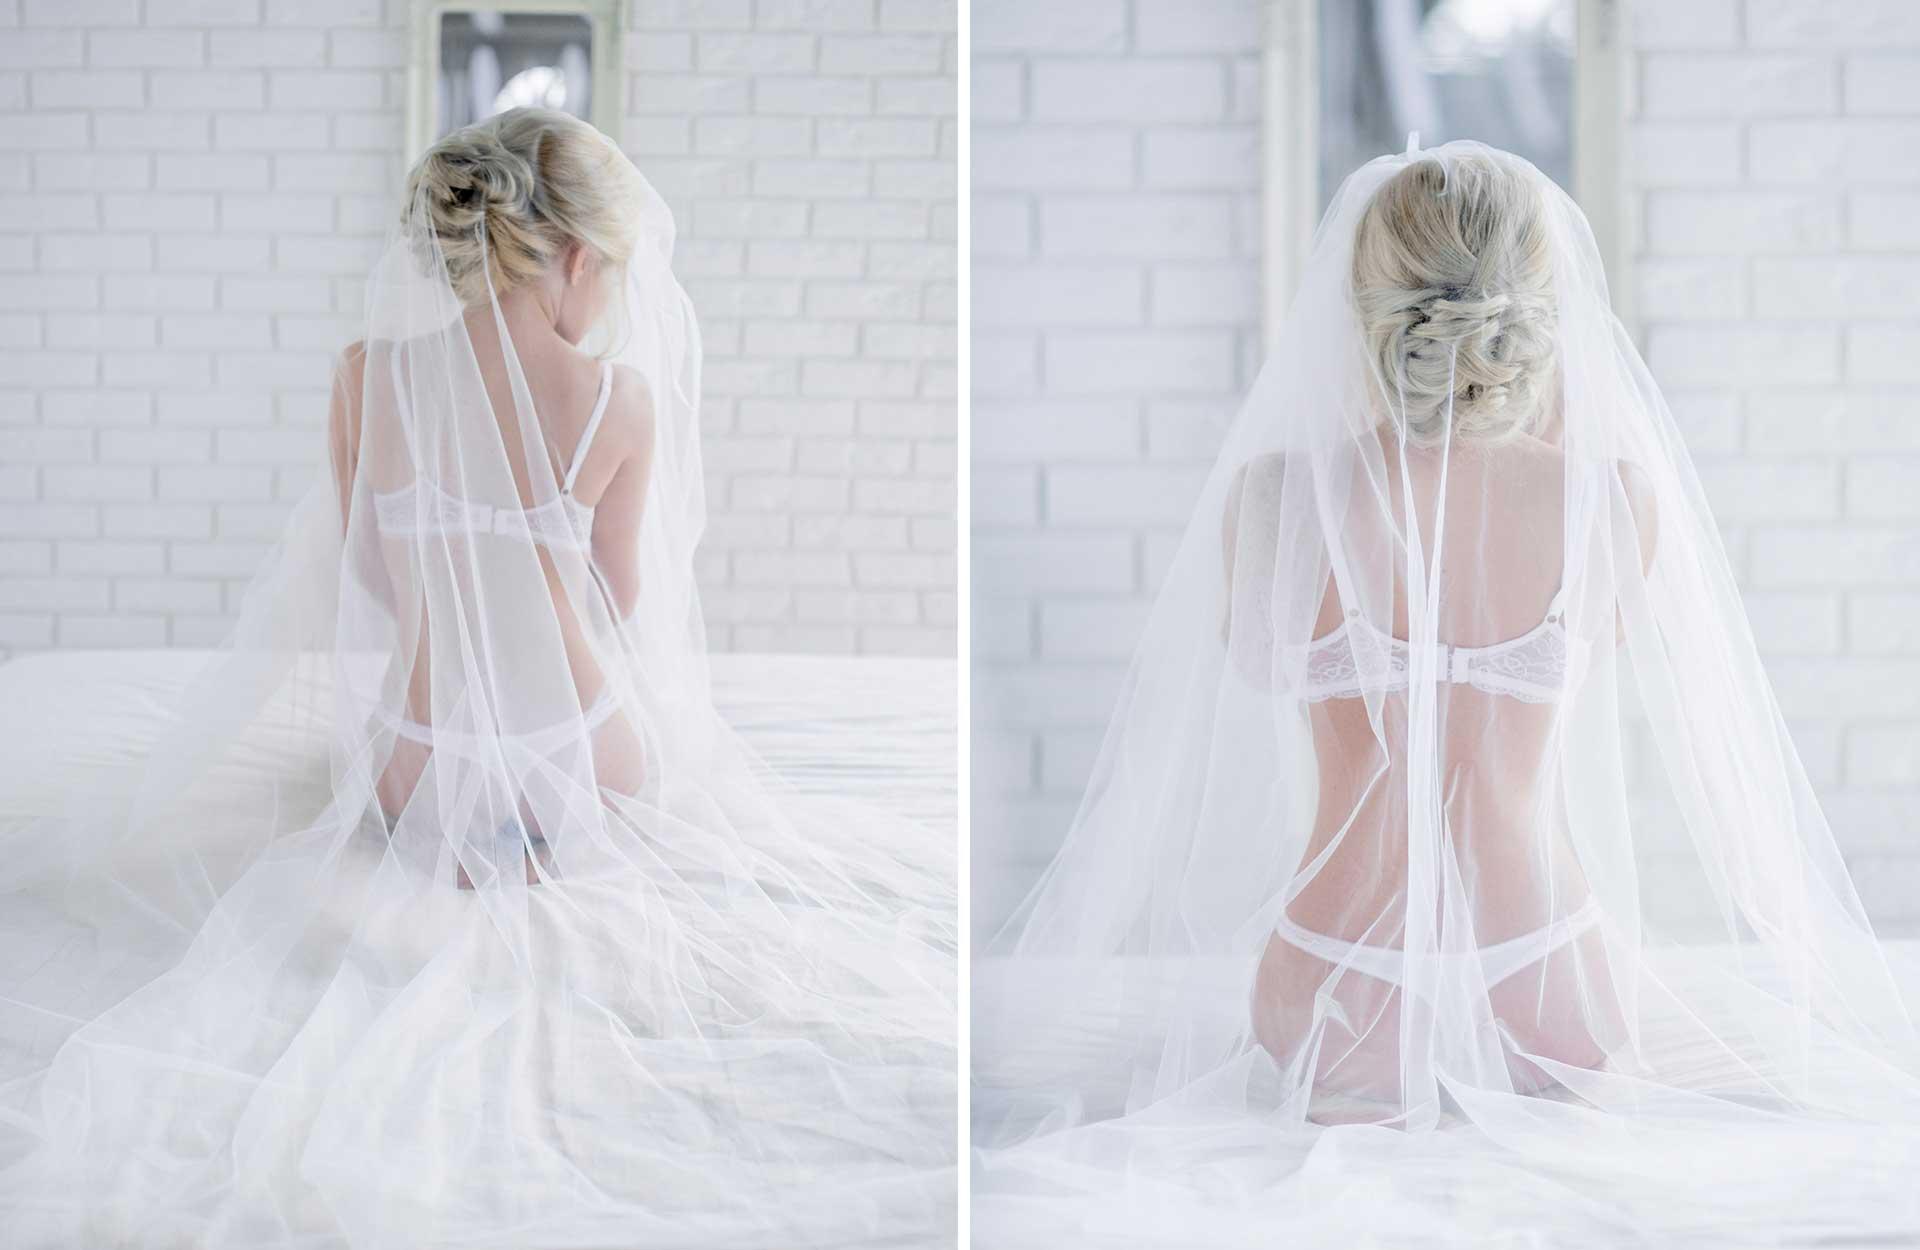 Vackra underkläder